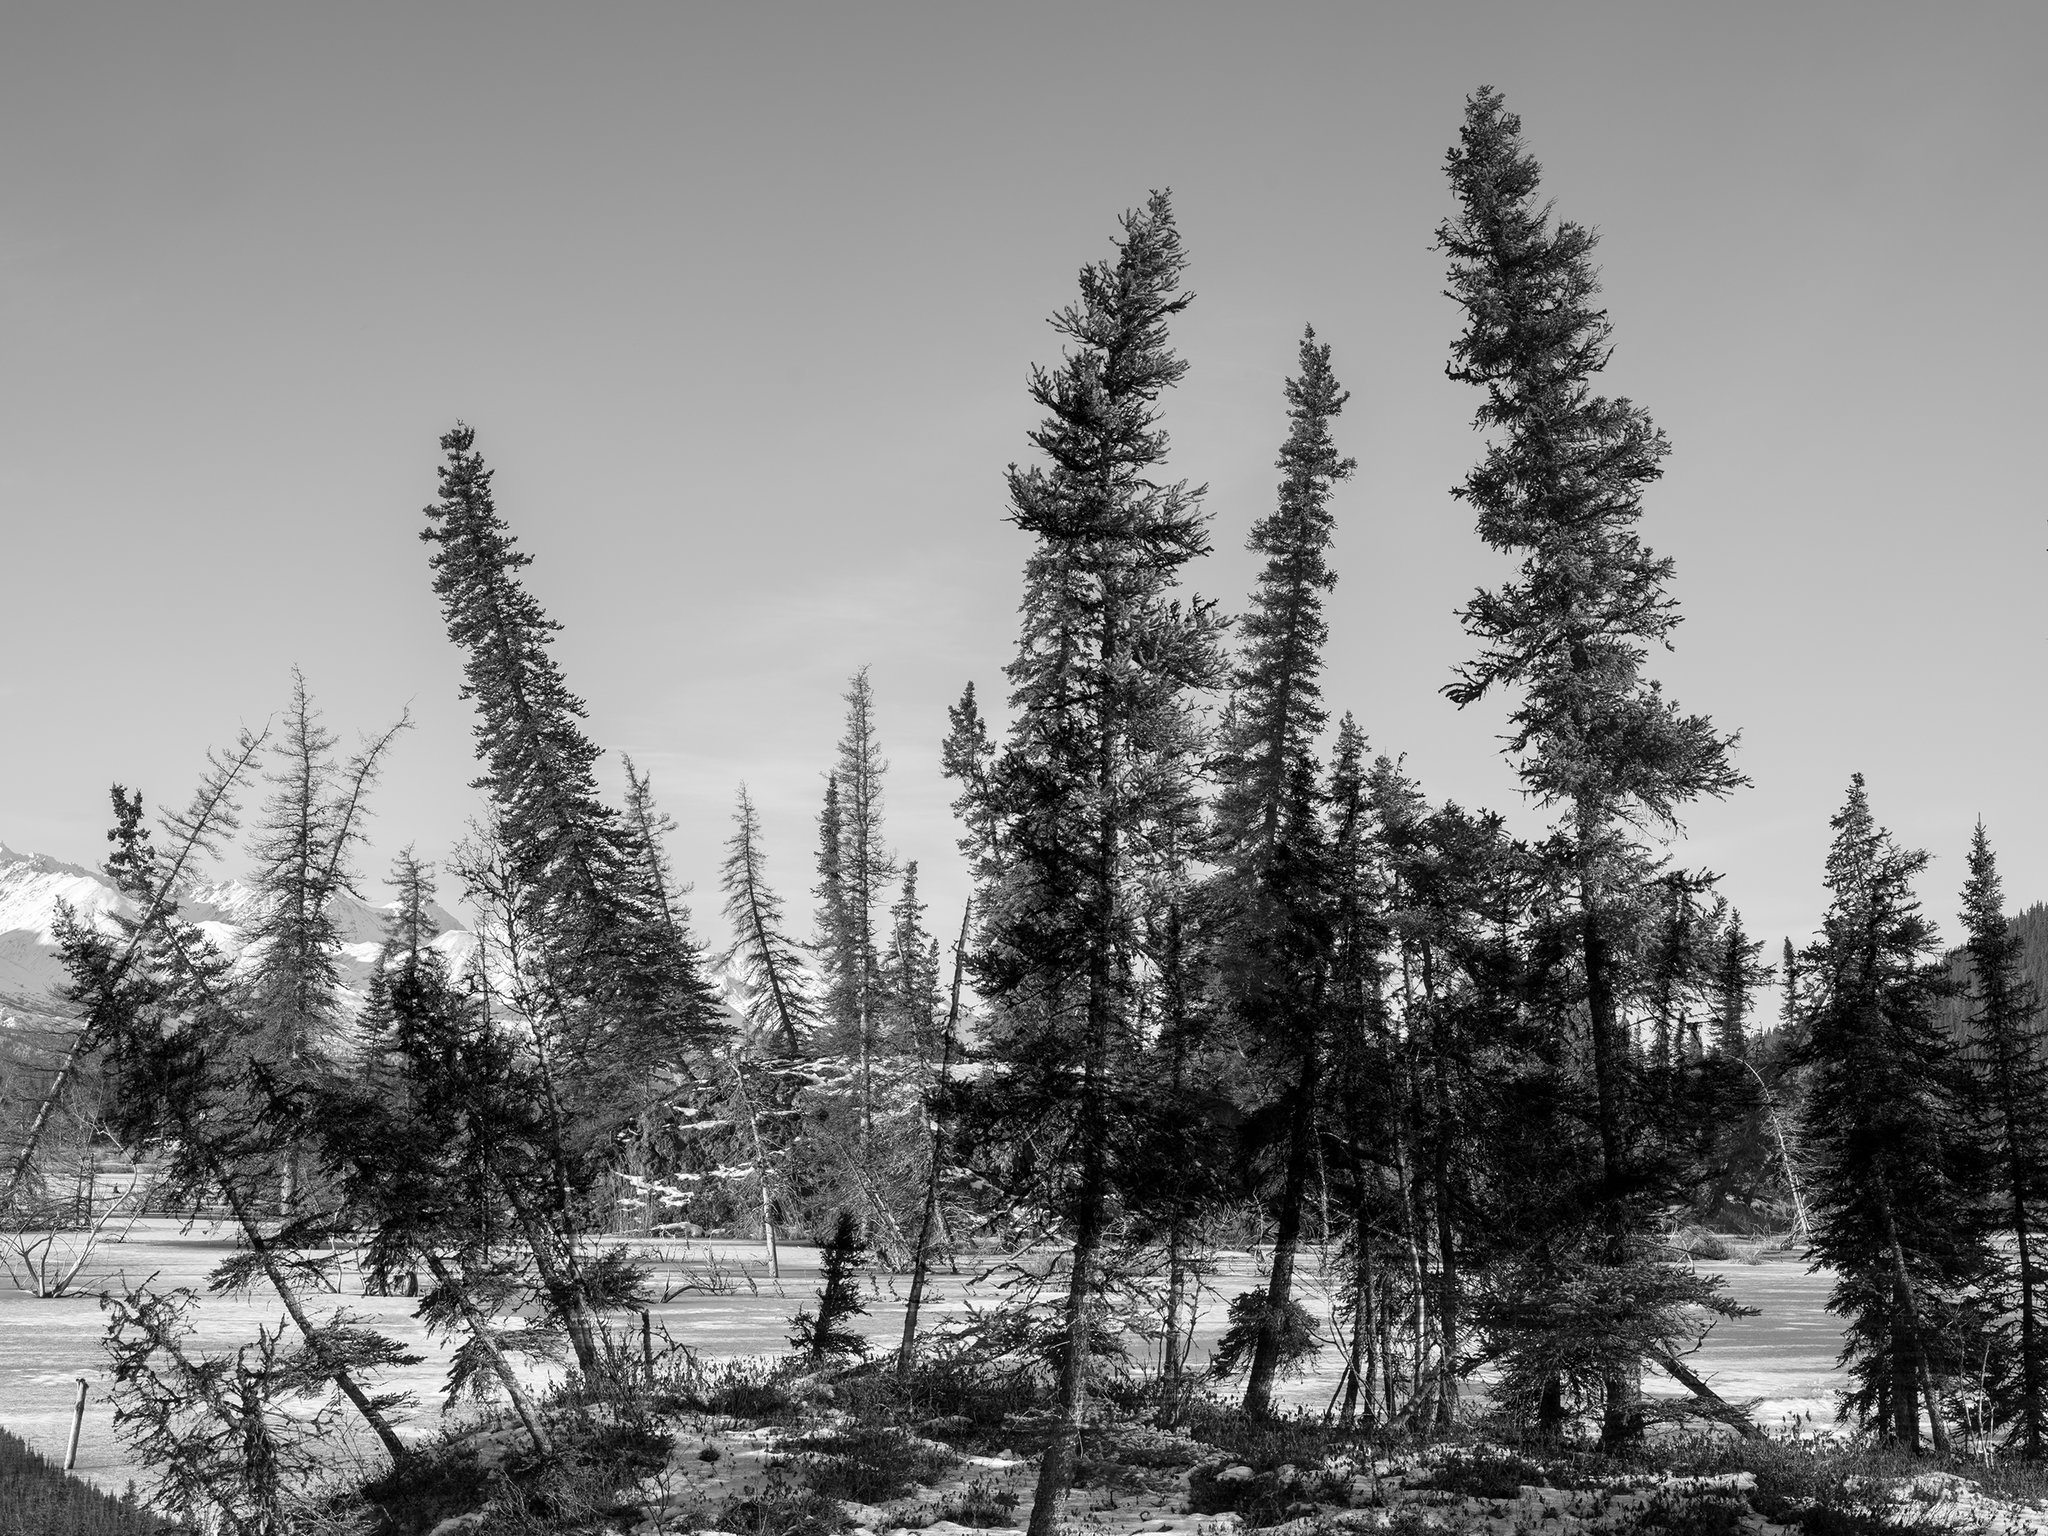 Trees_Montage03 Kopie.jpg